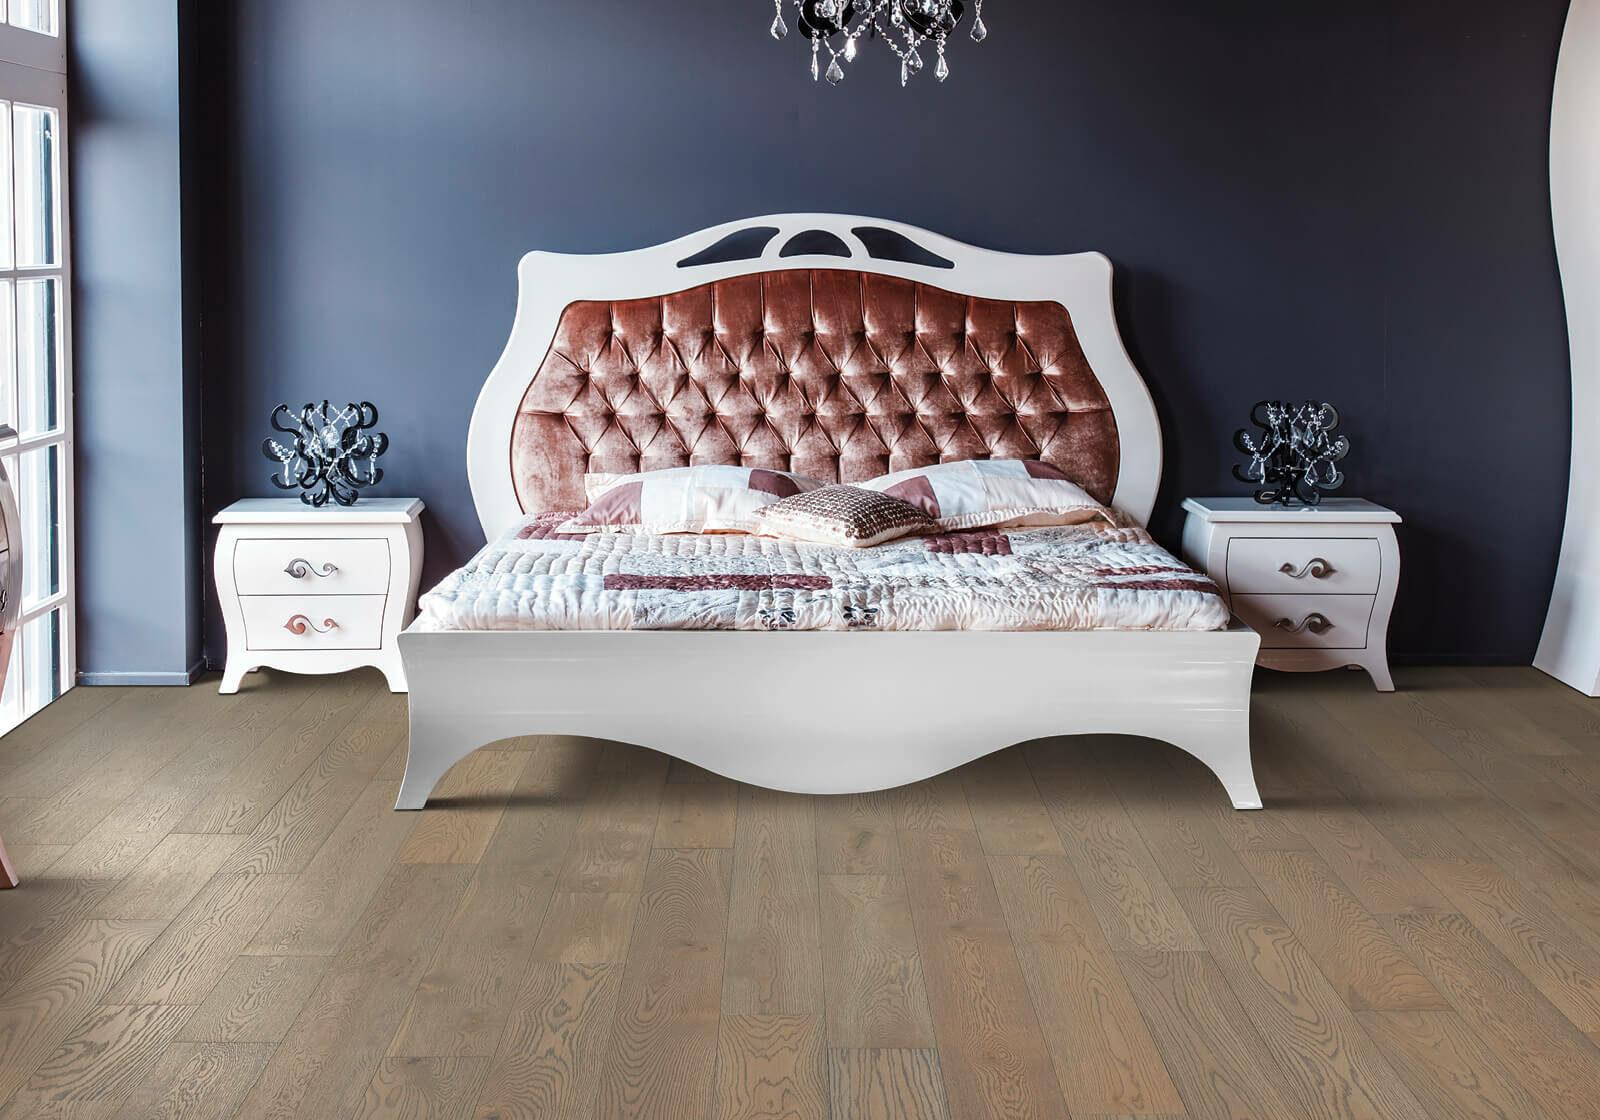 Hardwood flooring   Flooring by Wilson's Carpet Plus